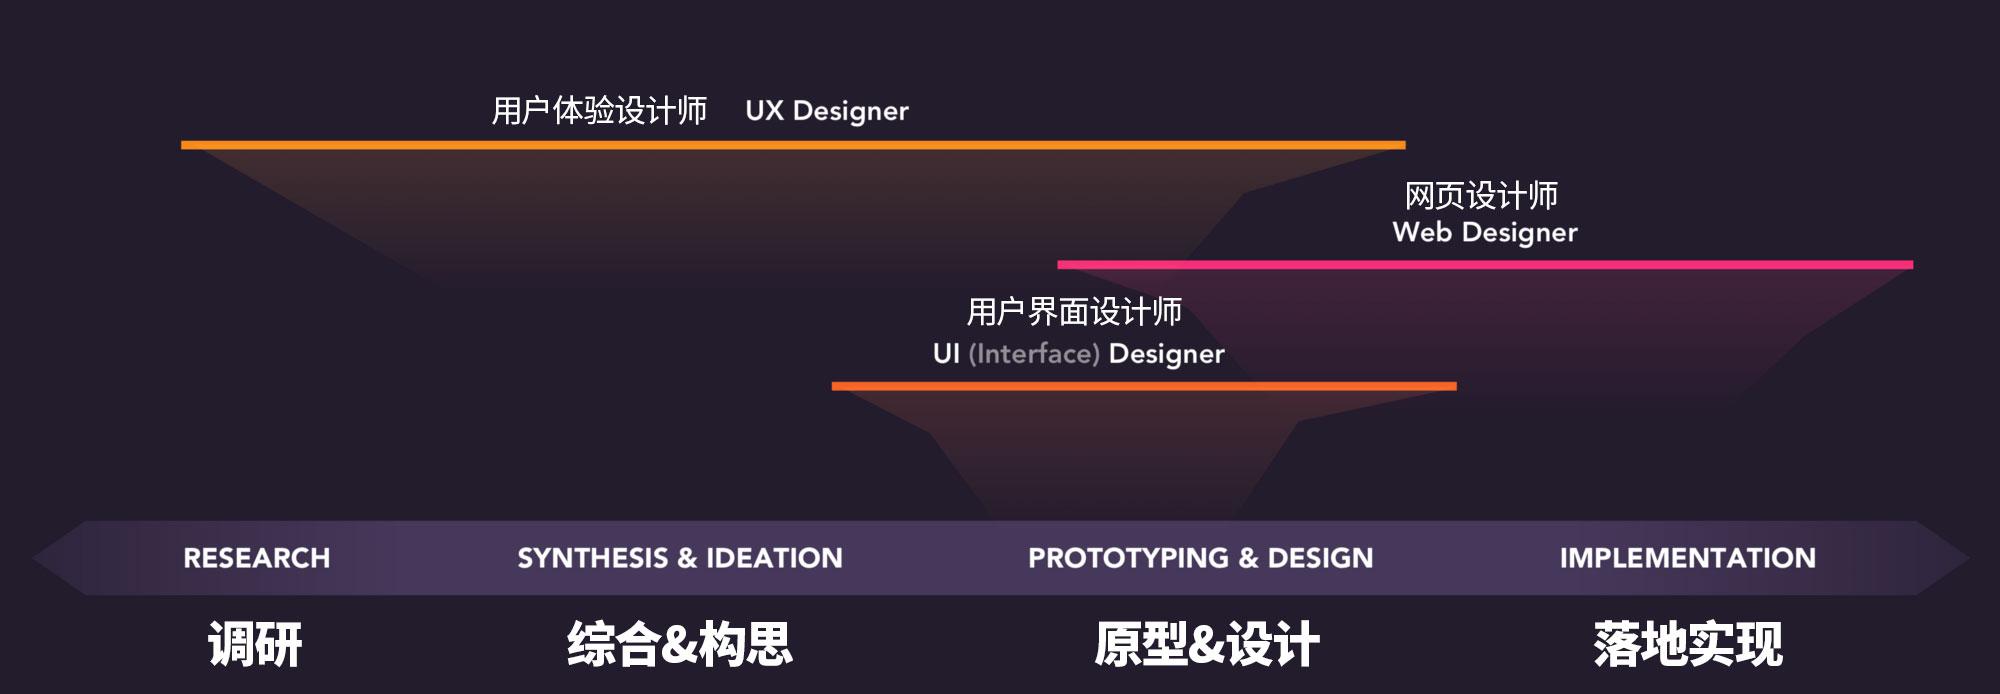 如今的你,到底算是哪种设计师?